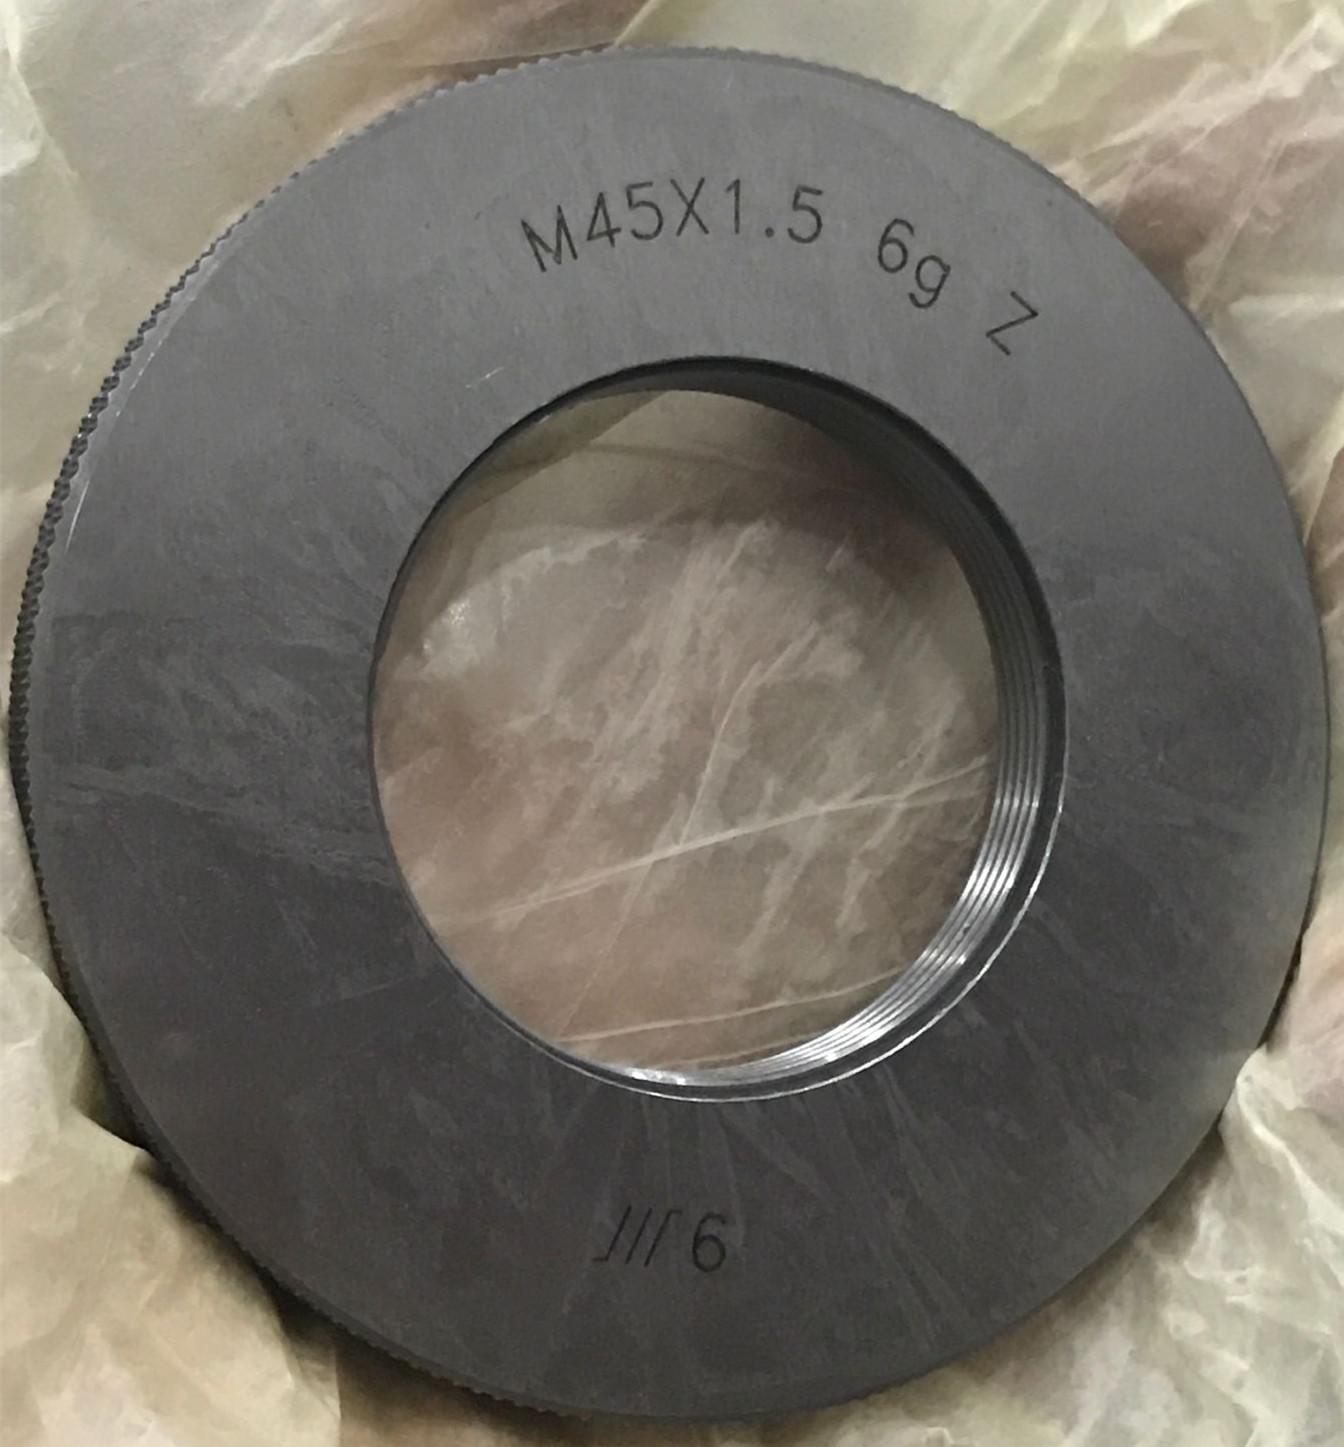 M45x1.5 ring gage